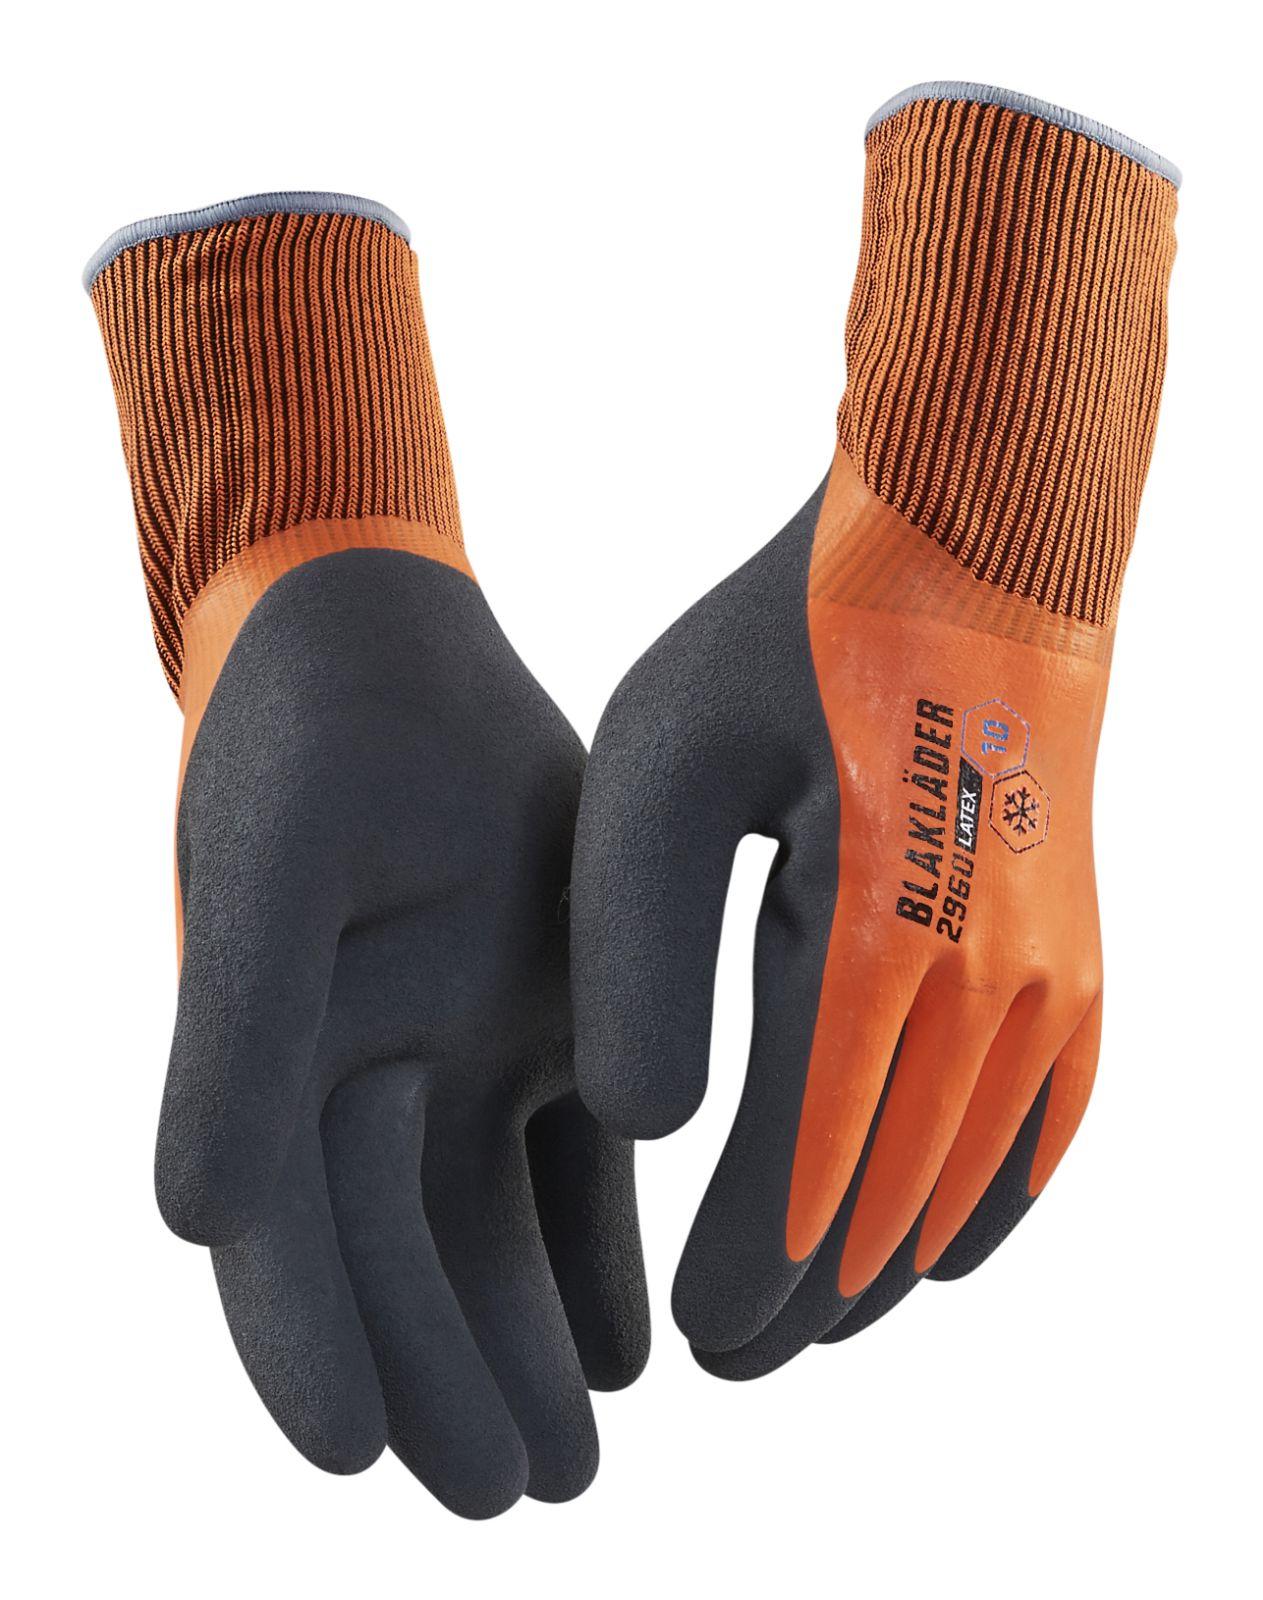 Blaklader Handschoenen 29621451 fluo-oranje(5300)